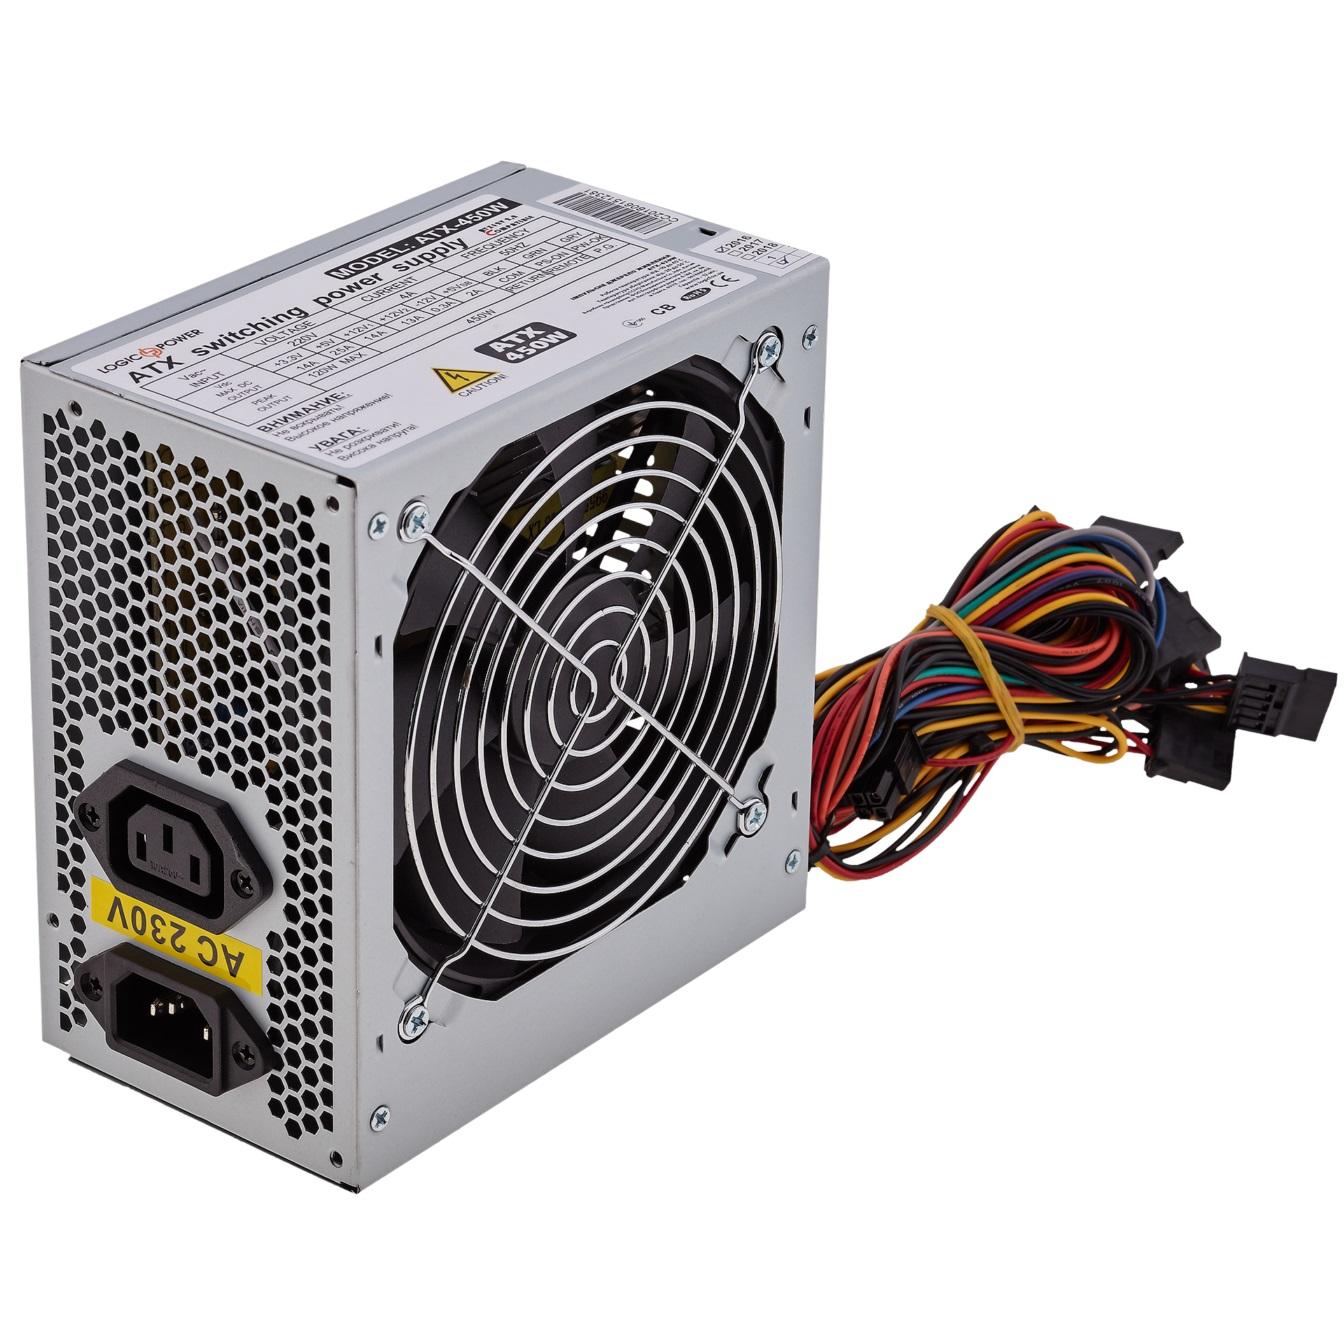 Блоки живлення для ПК, Блок живлення Logicpower ATX-450 450W (ATX-450W 12)  - купить со скидкой